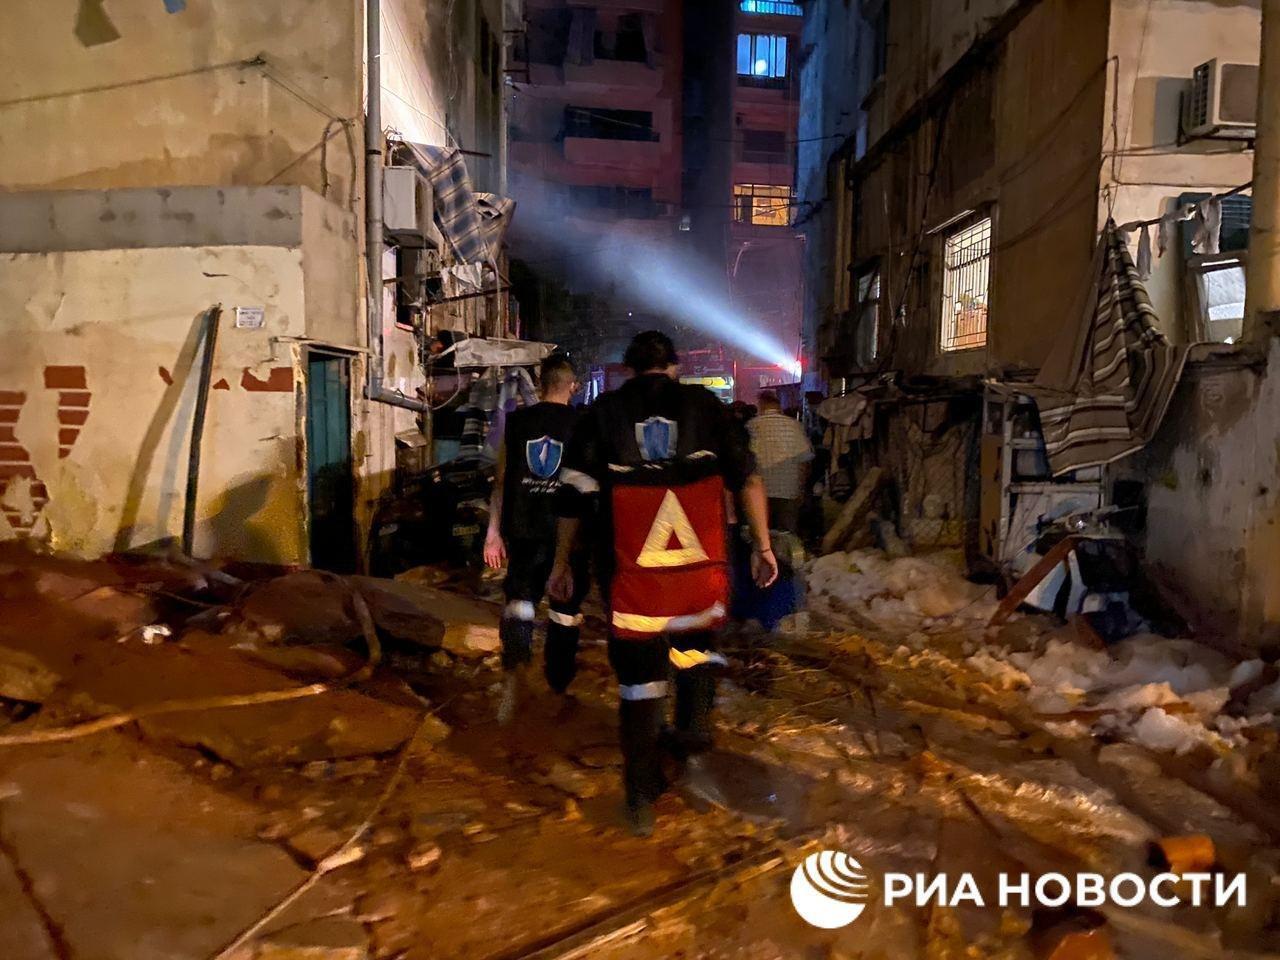 Рятувальники проводять пошуково-рятувальні роботи.